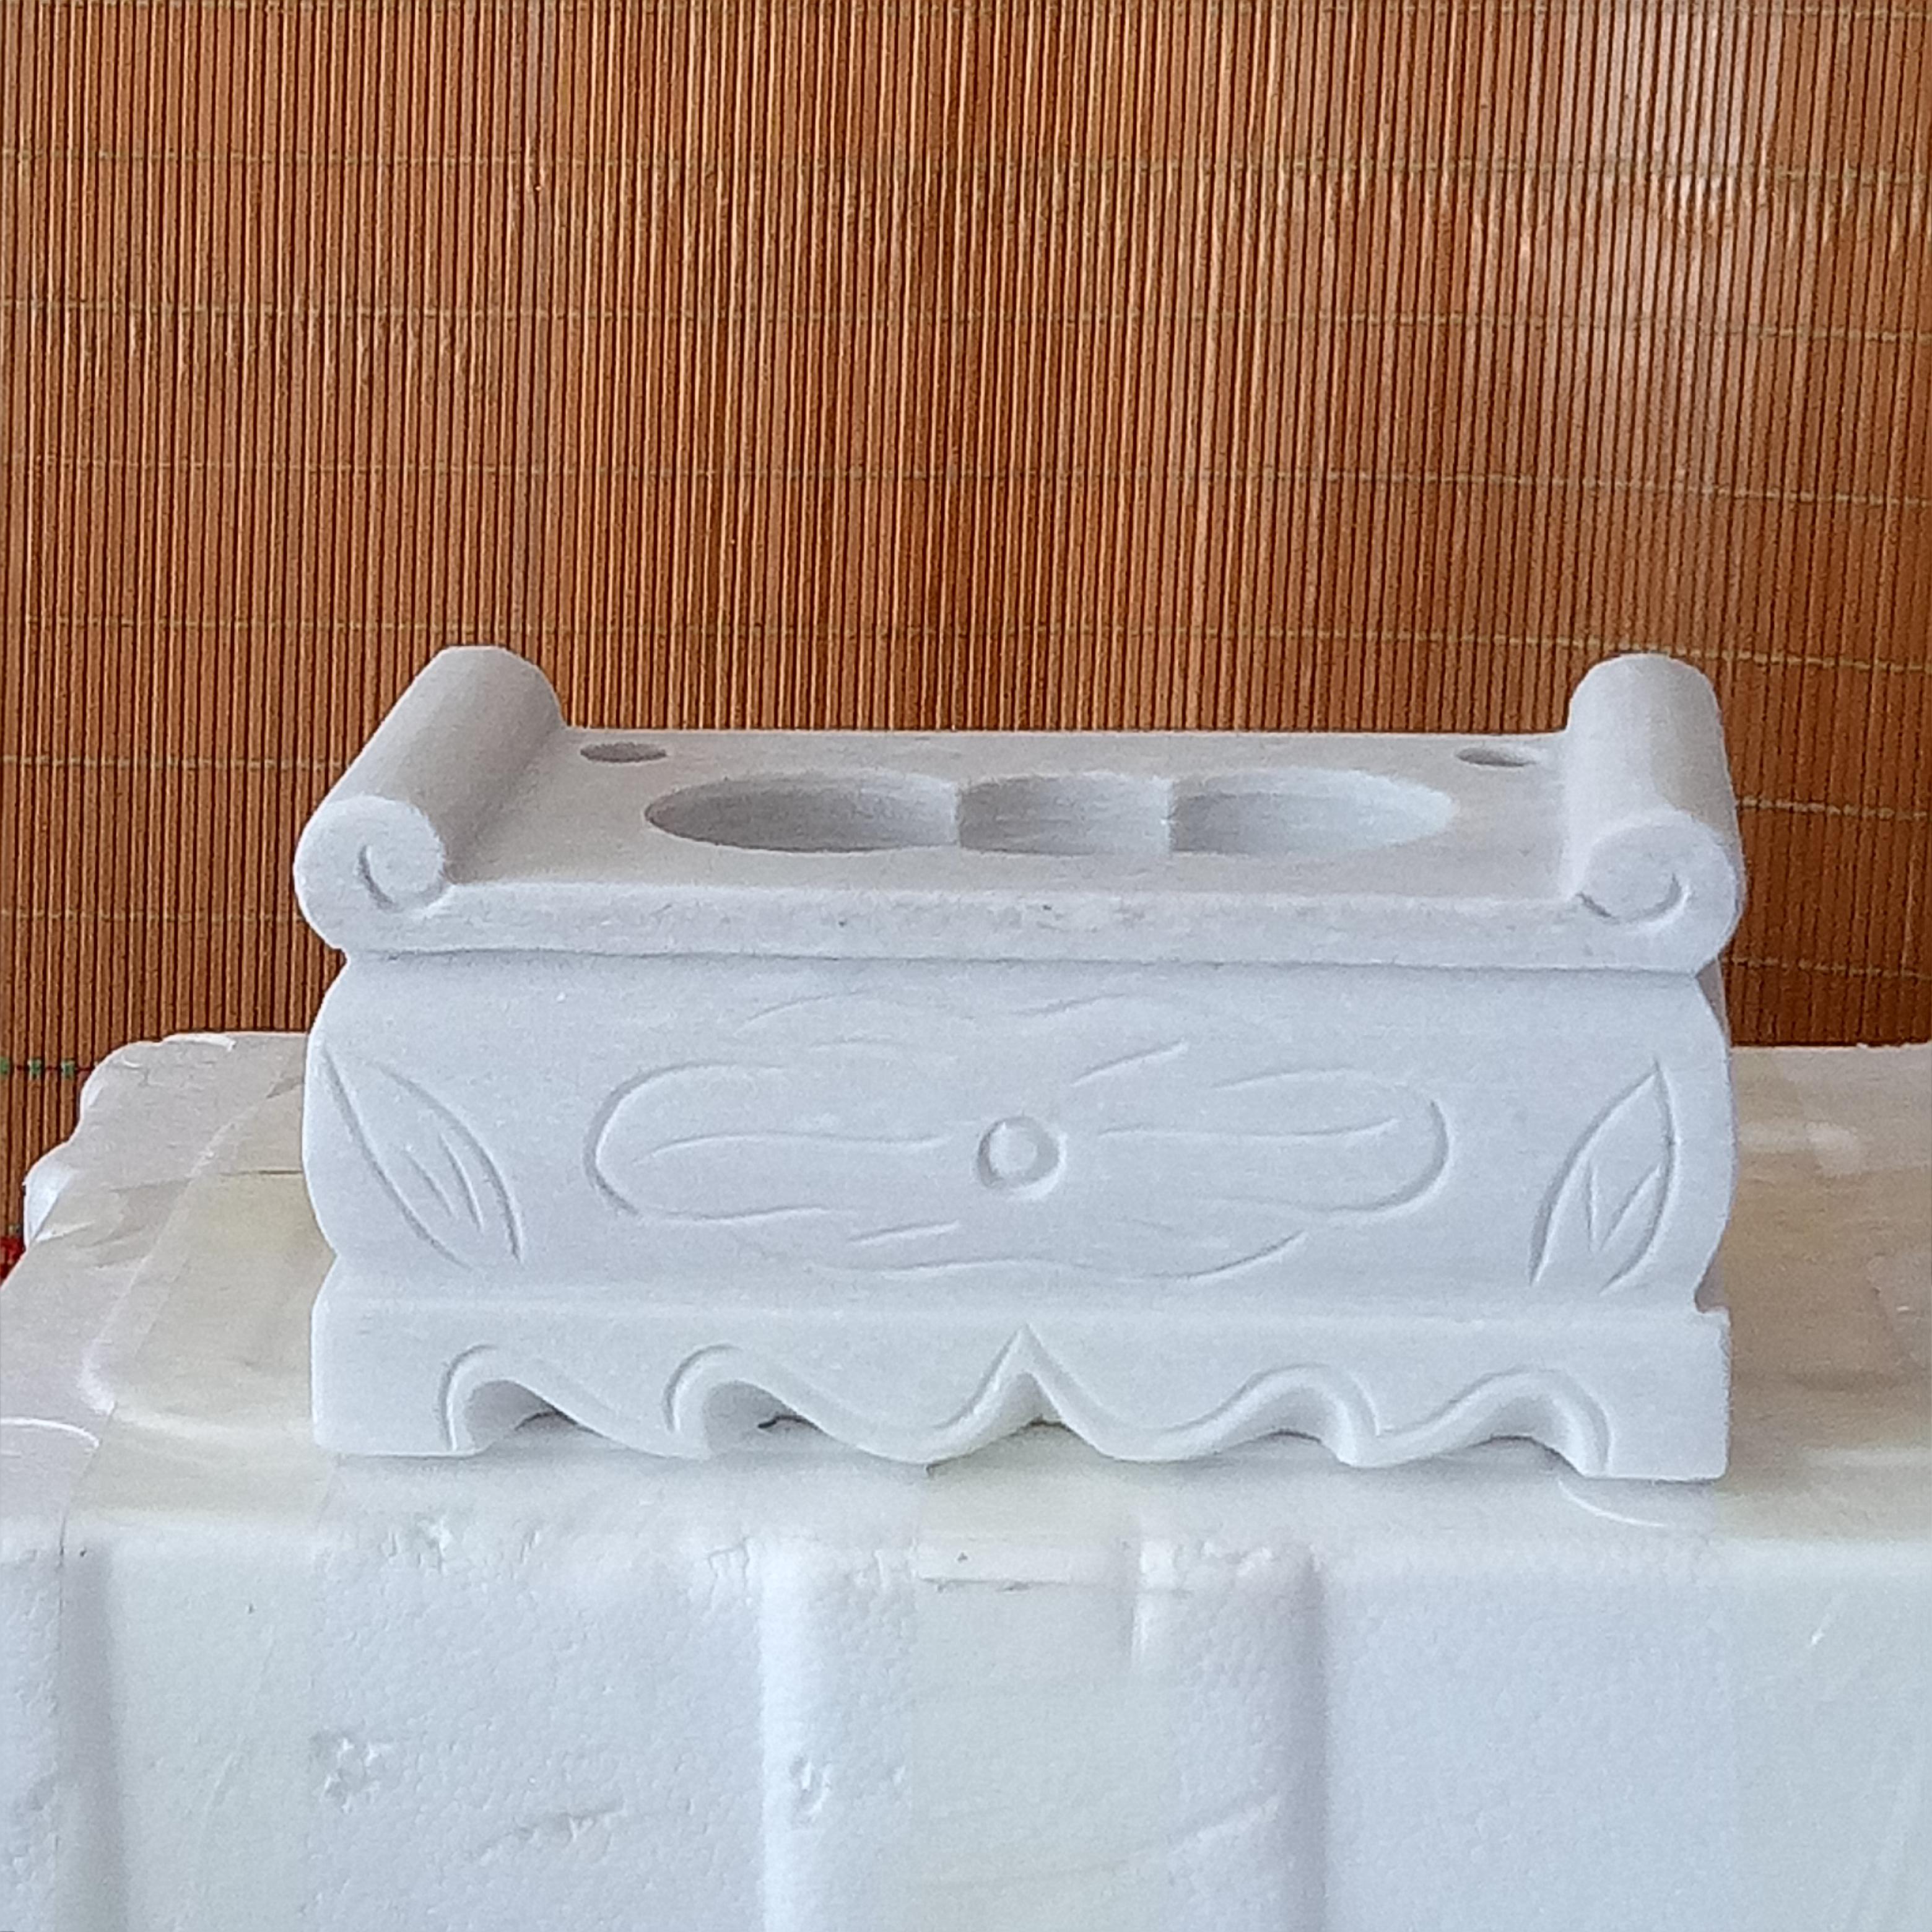 定做大理石汉白玉石材雕刻香炉供桌供台u花瓶狮子墓地墓碑祭祀摆